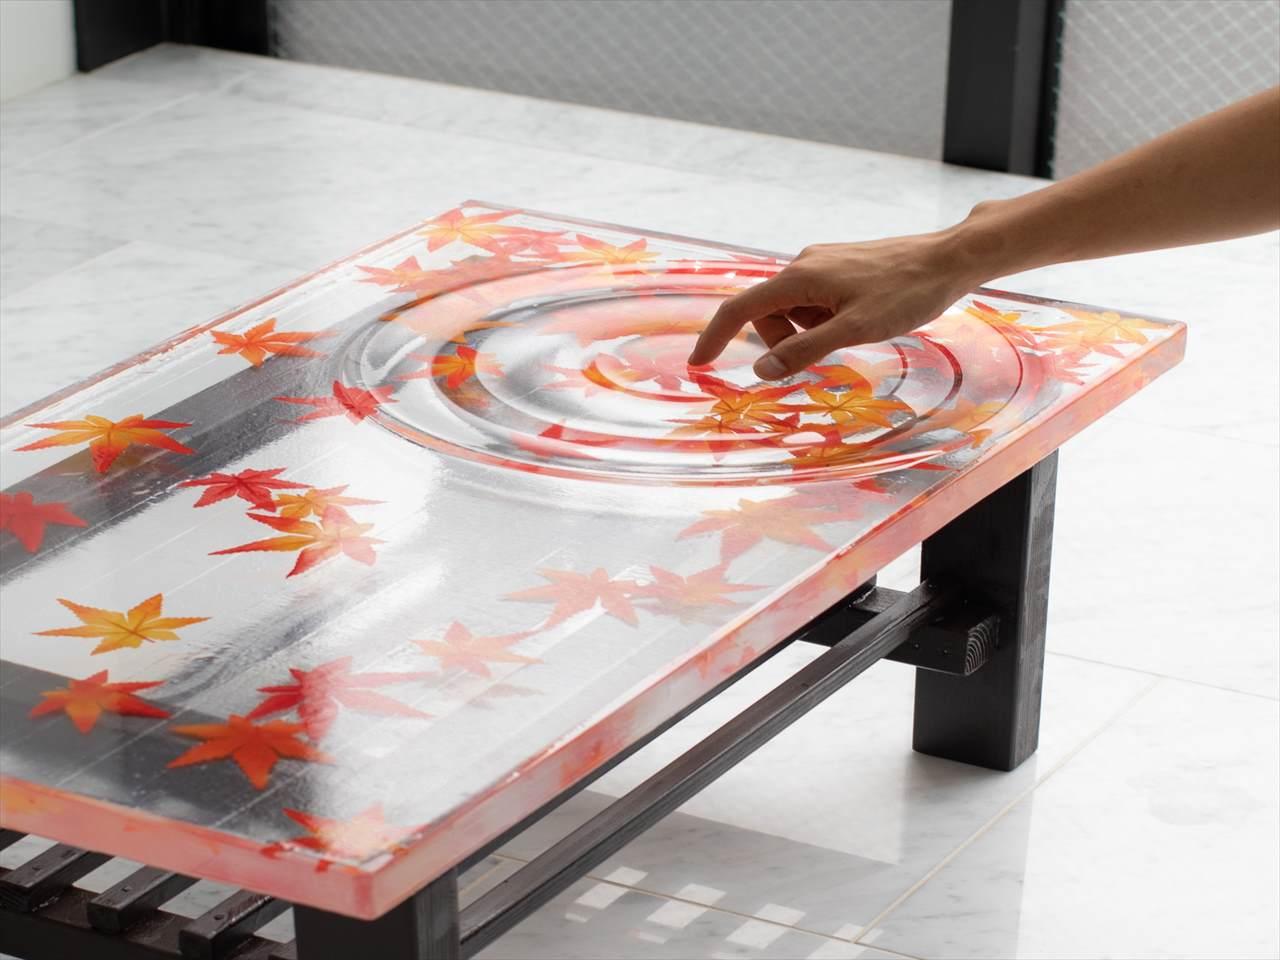 家の中で散策できる気分になれる・・・紅葉が落ちた水面のテーブルが美しいと話題に!